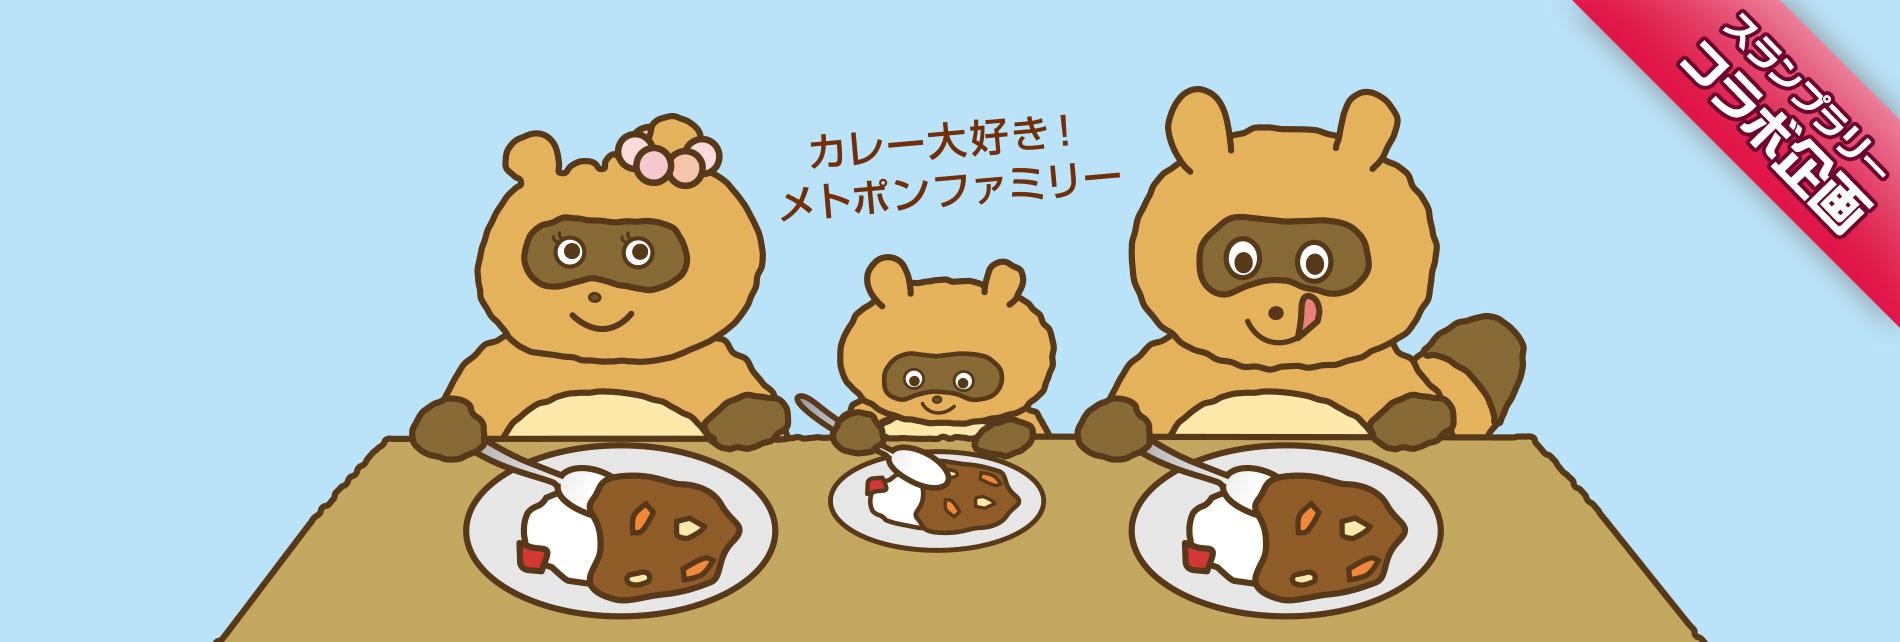 カレー大好きメトポンファミリーがカレーを食べている画像、スタンプラリーコラボ企画の告知です